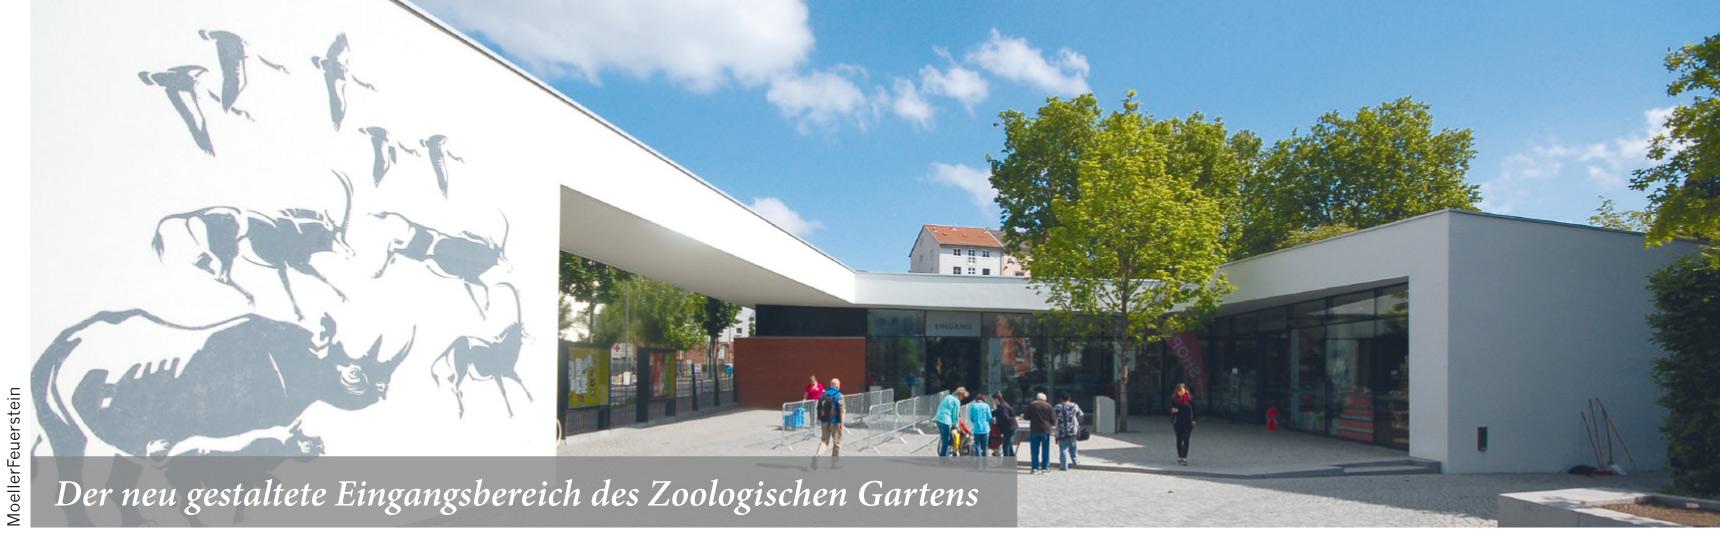 Der neu gestaltete Eingangsbereich des Zoologischen Gartens